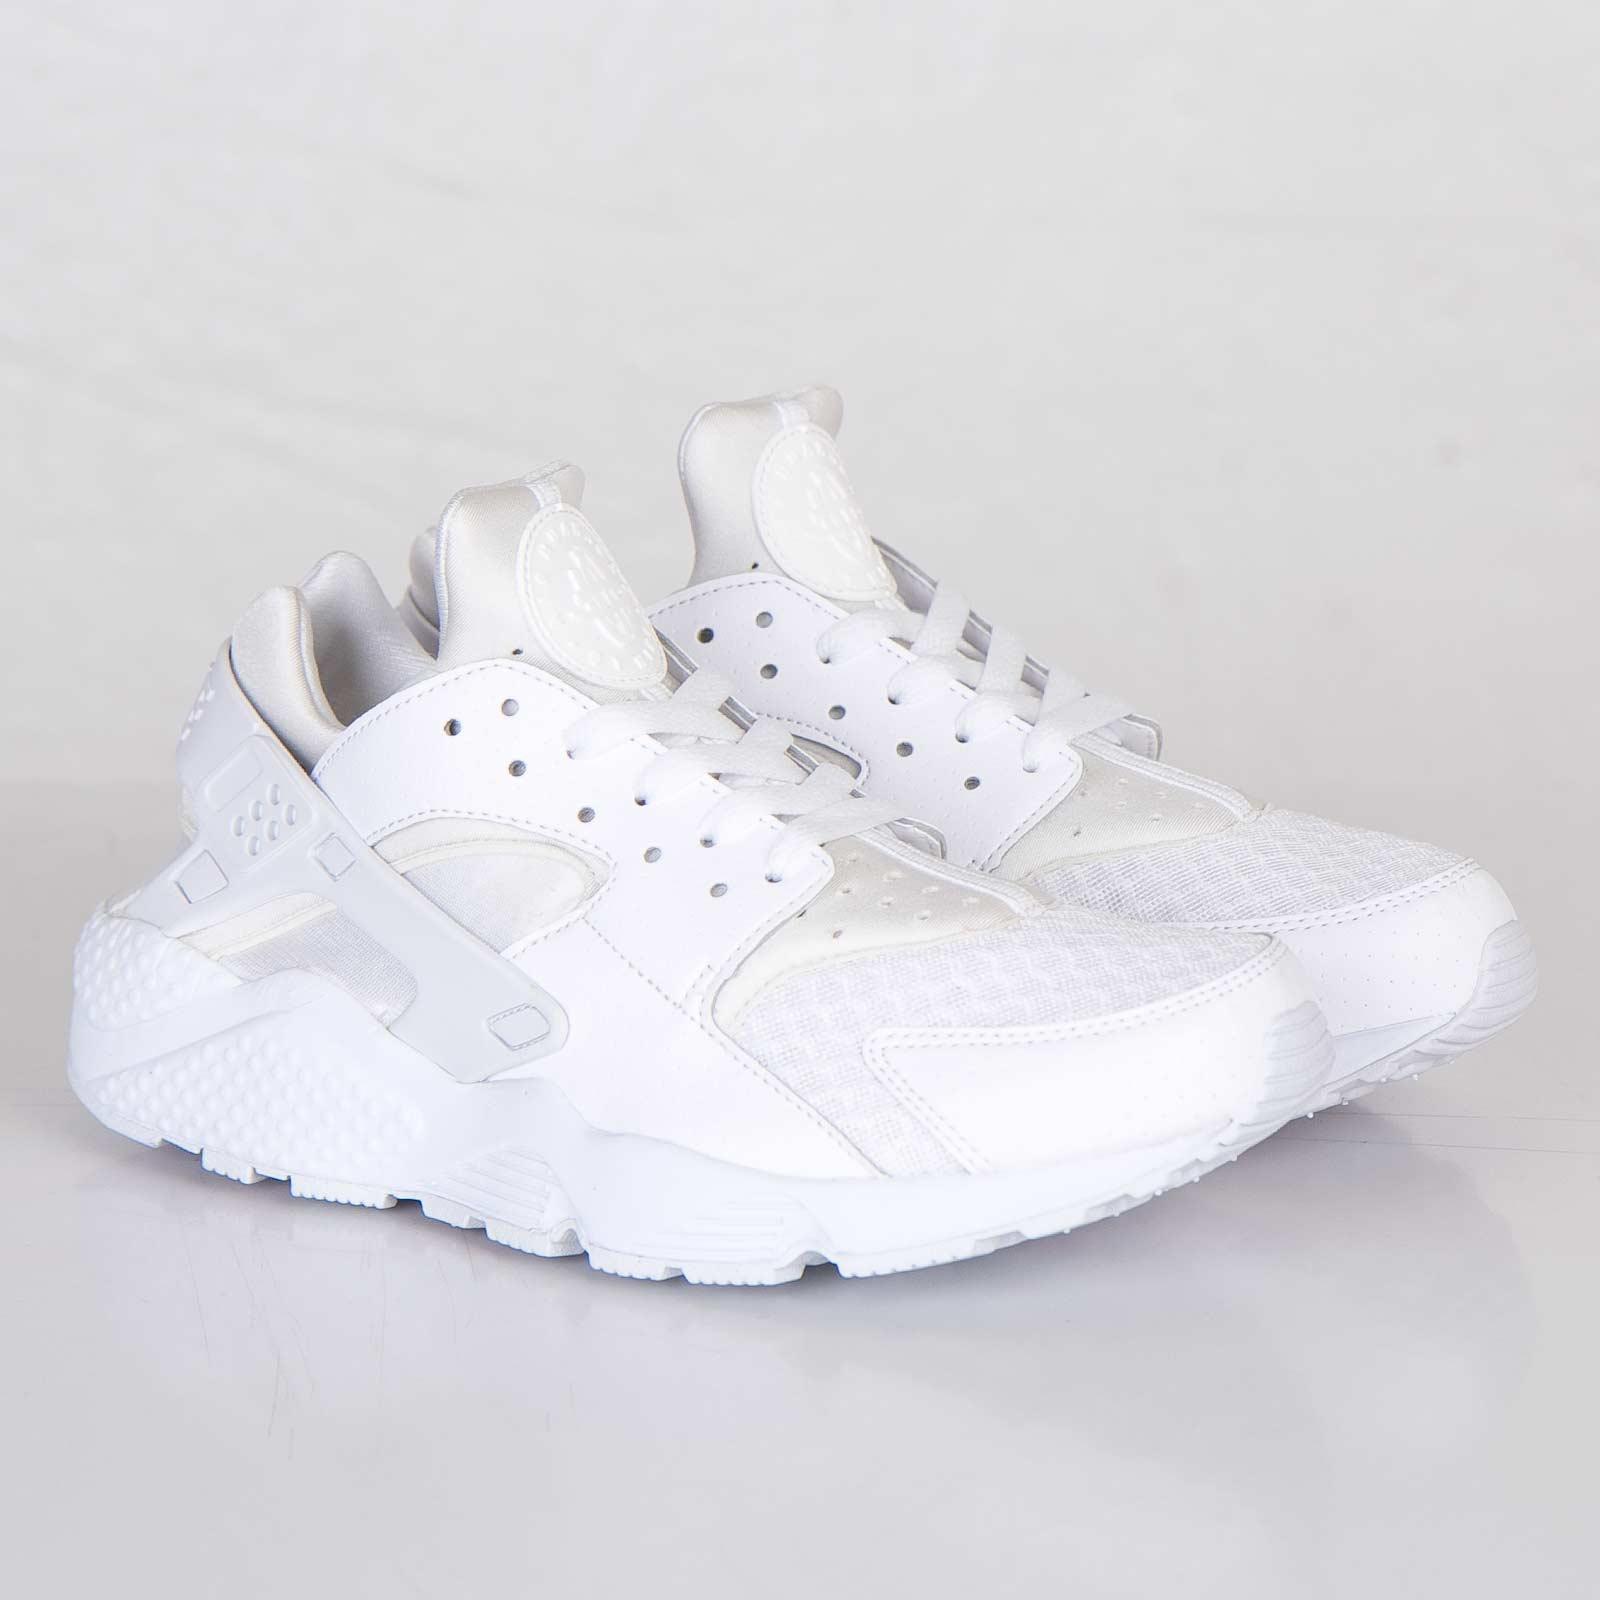 huge discount af893 35e53 Nike Air Huarache